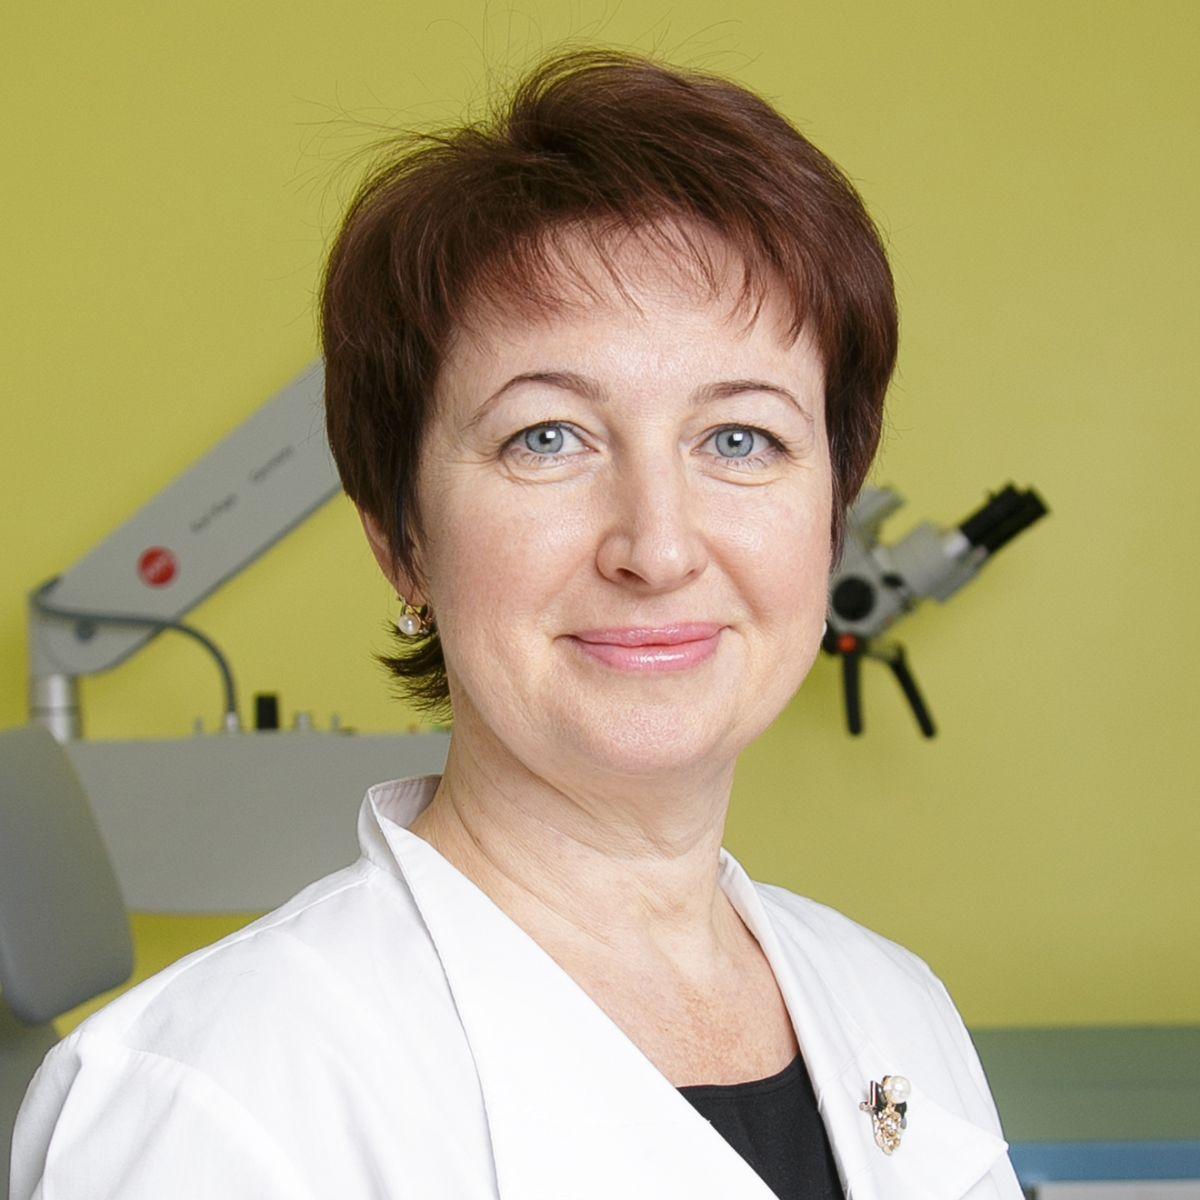 Юрасова Татьяна Александровна